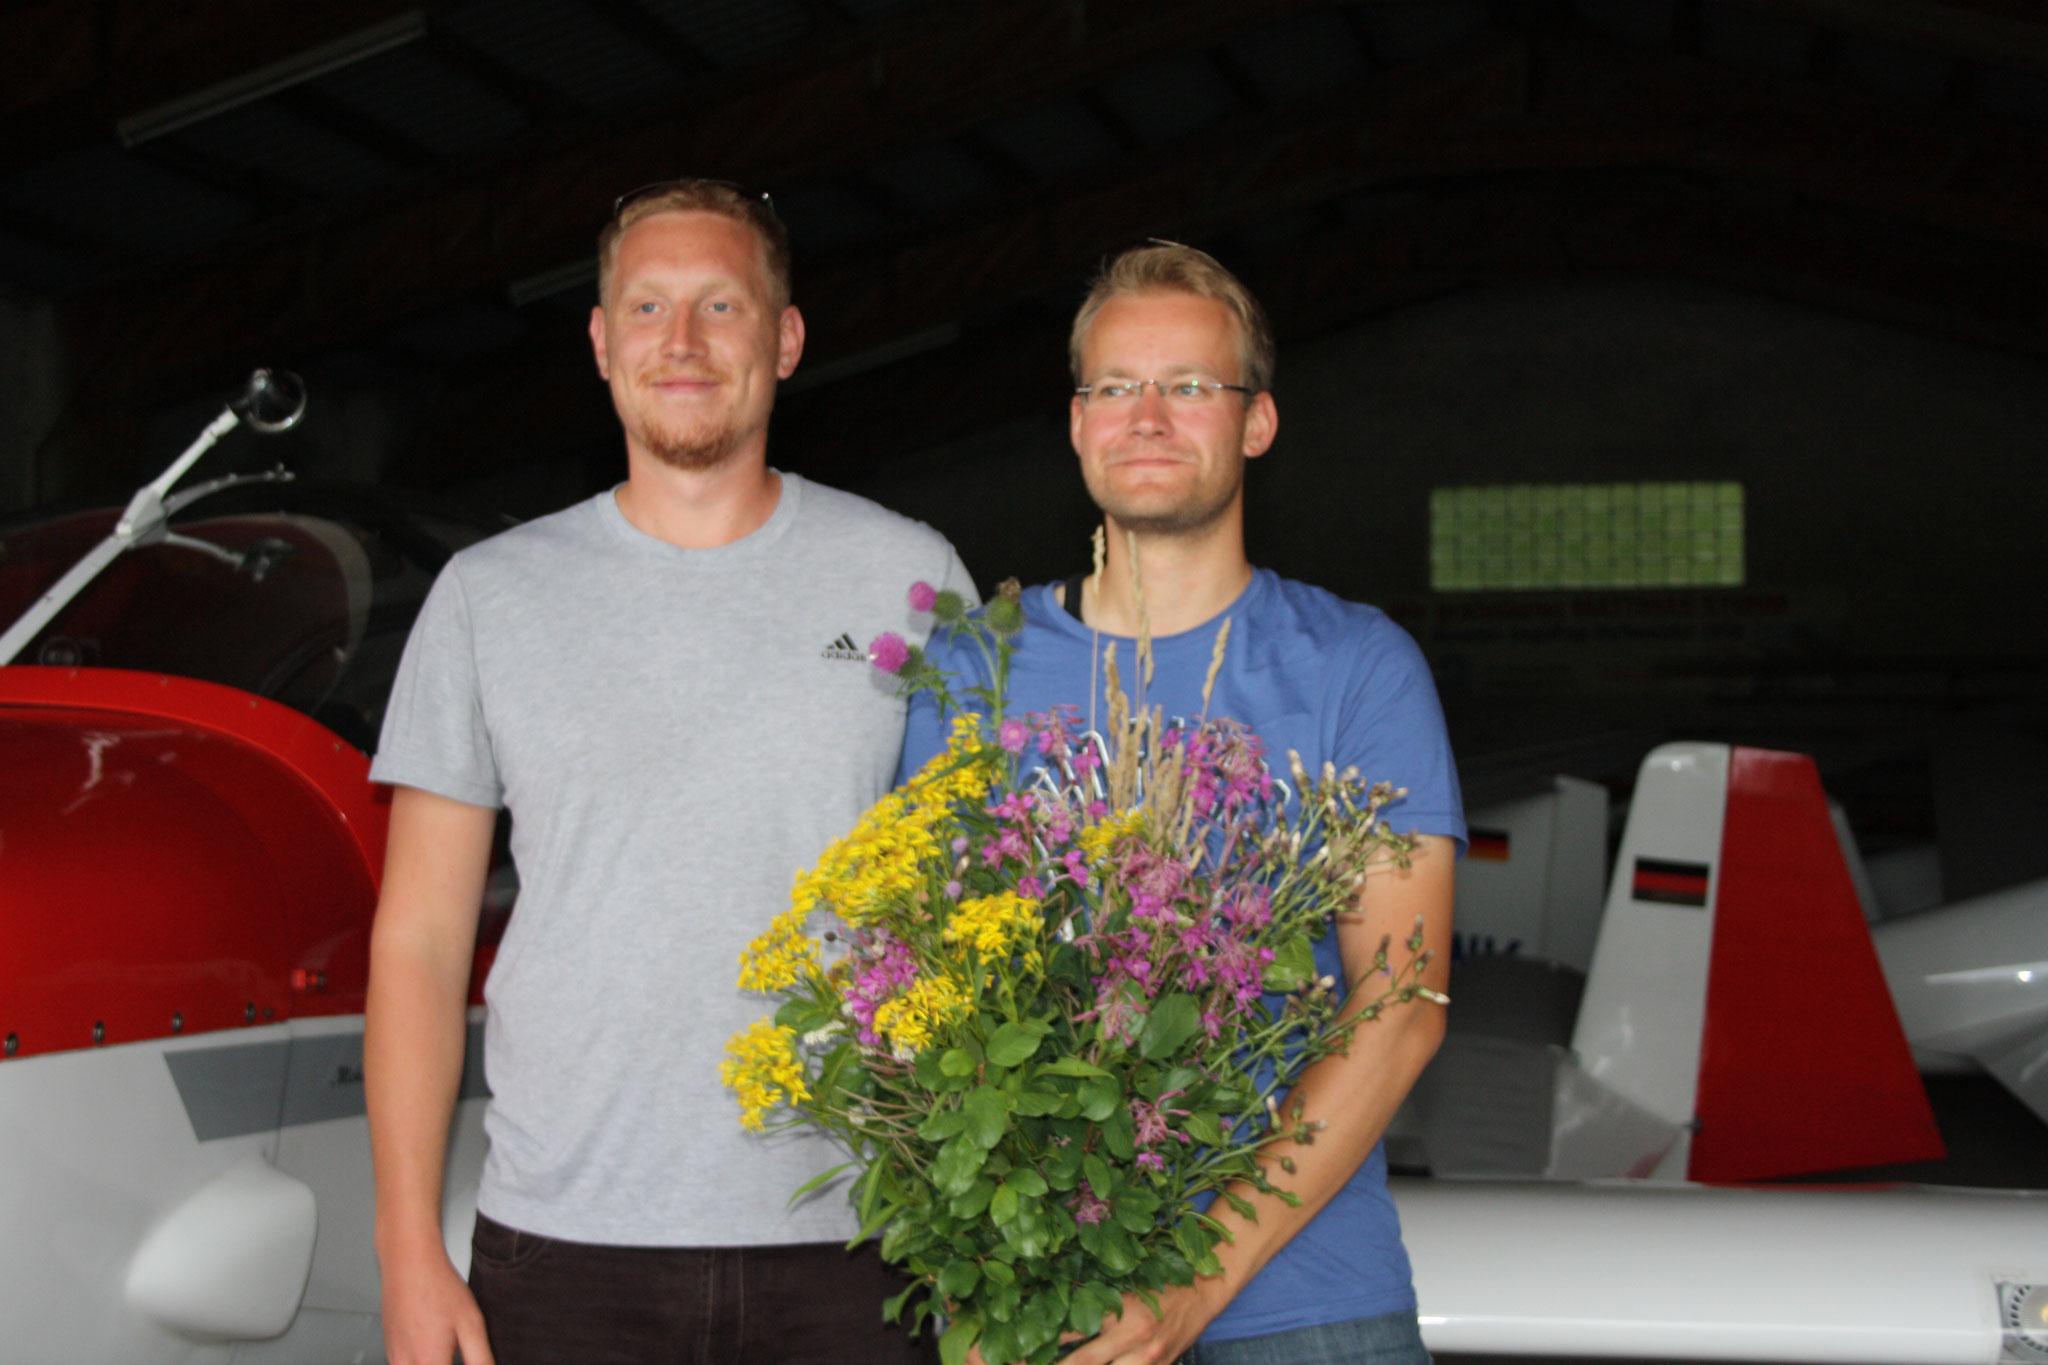 Herzlichen Glückwunsch, Philipp!